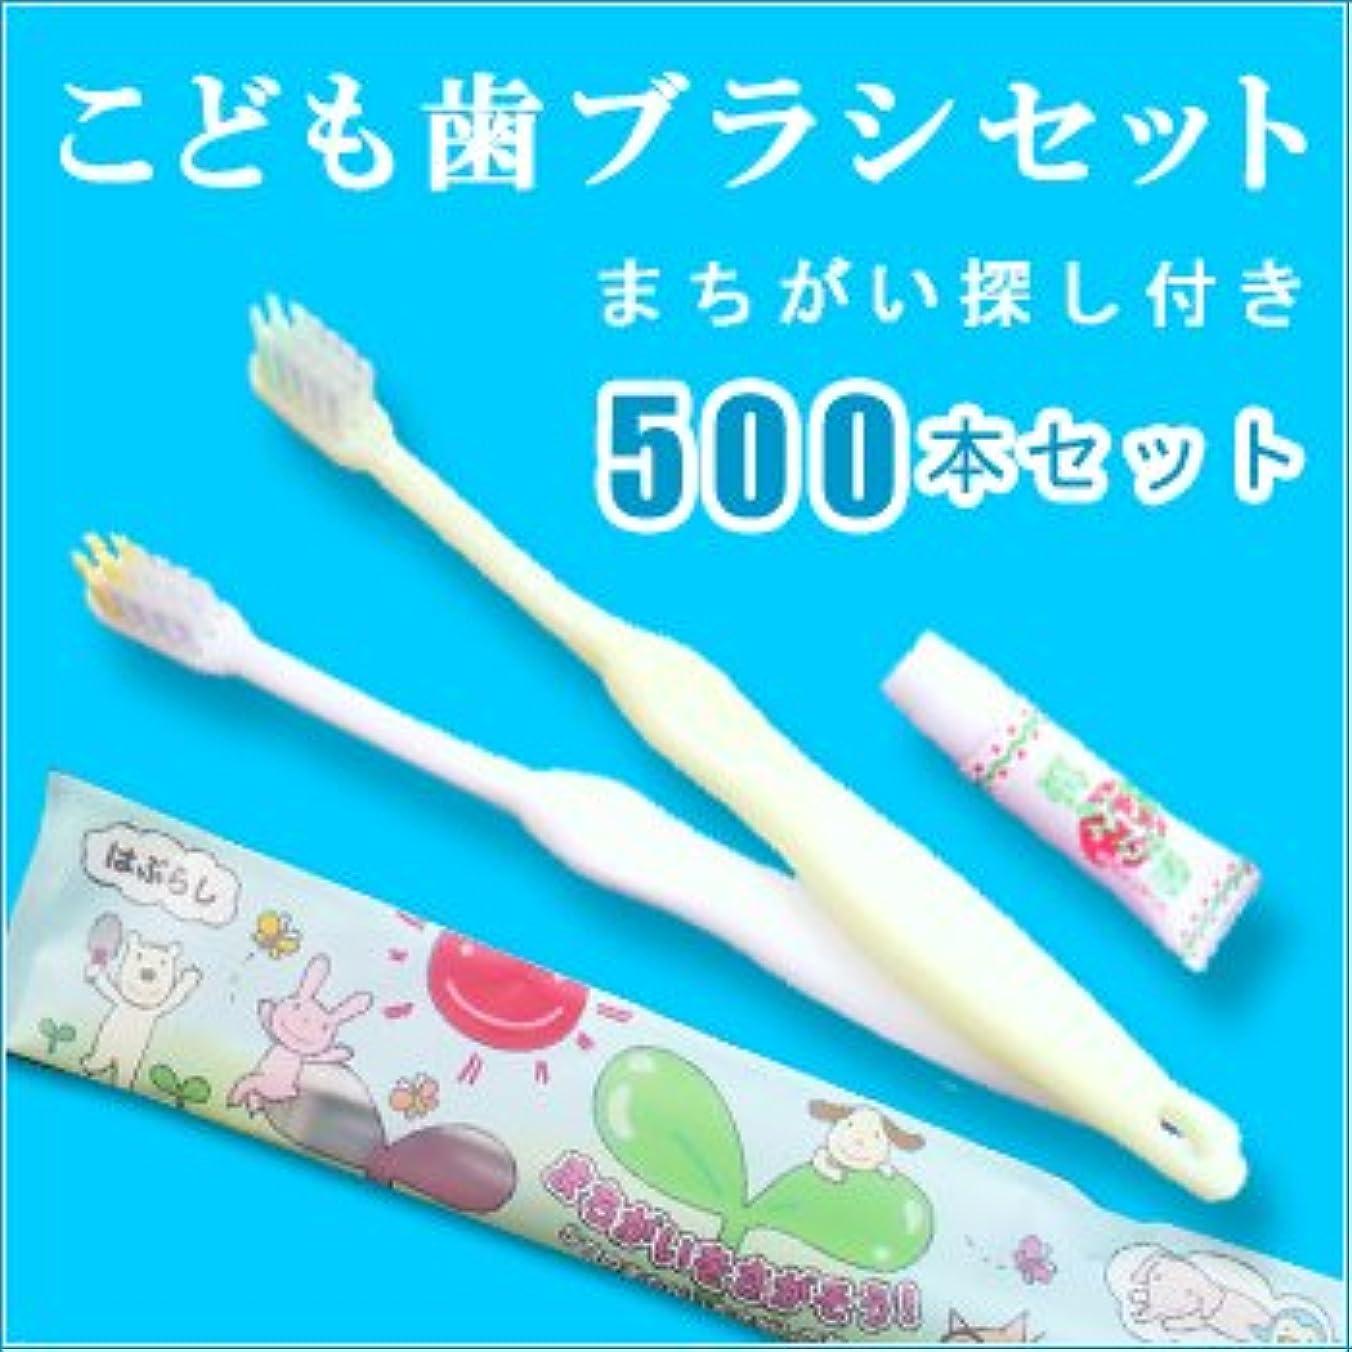 ネックレット静脈グリップこども用歯ブラシ いちご味の歯磨き粉 3gチューブ付 ホワイト?イエロー2色アソート(1セット500本)1本当たり34円